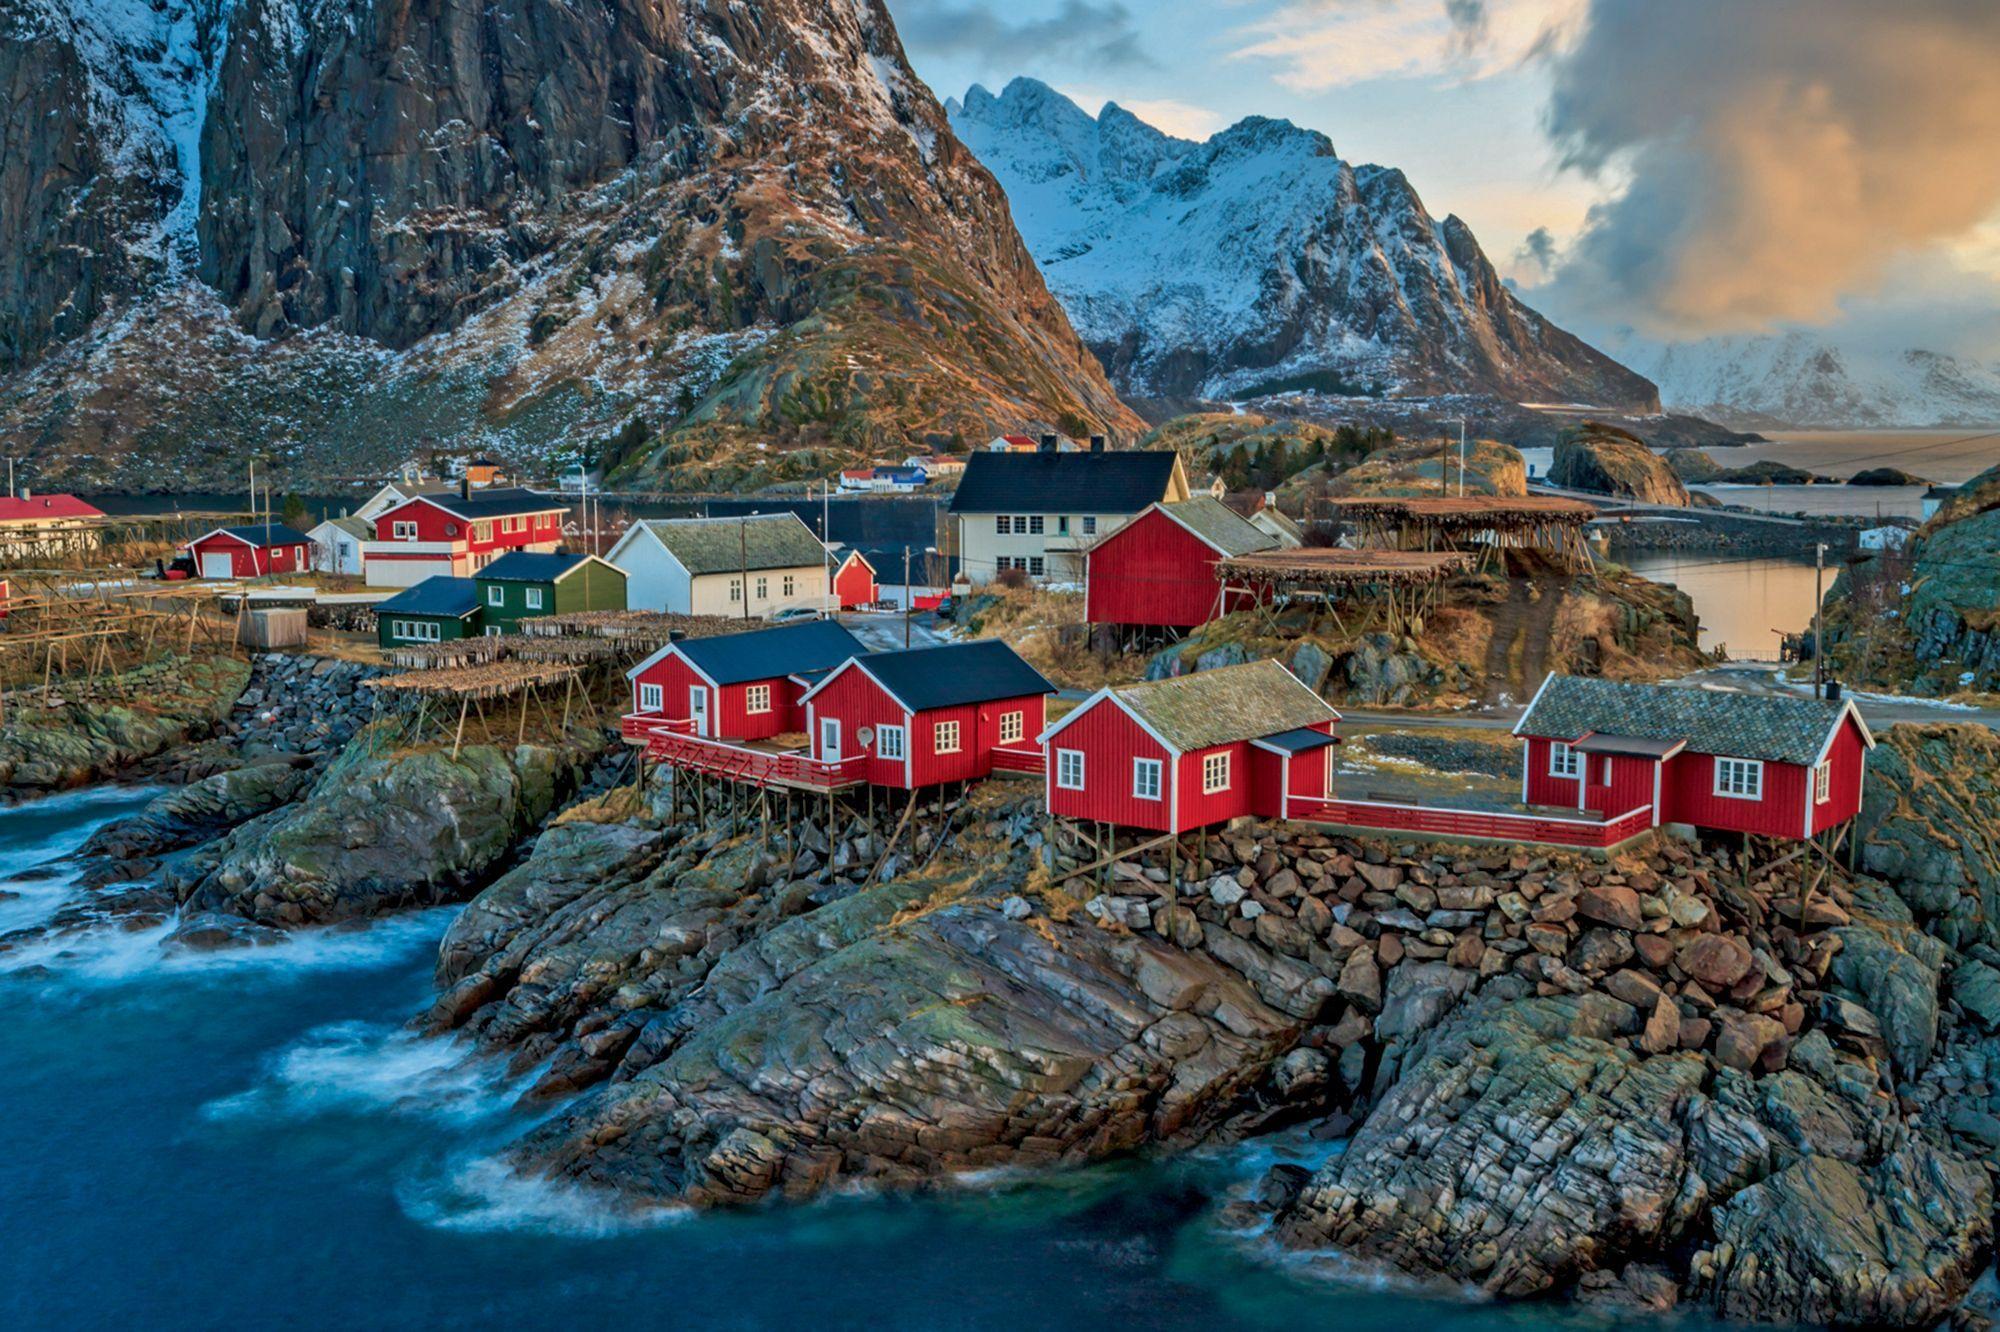 norvege - Photo